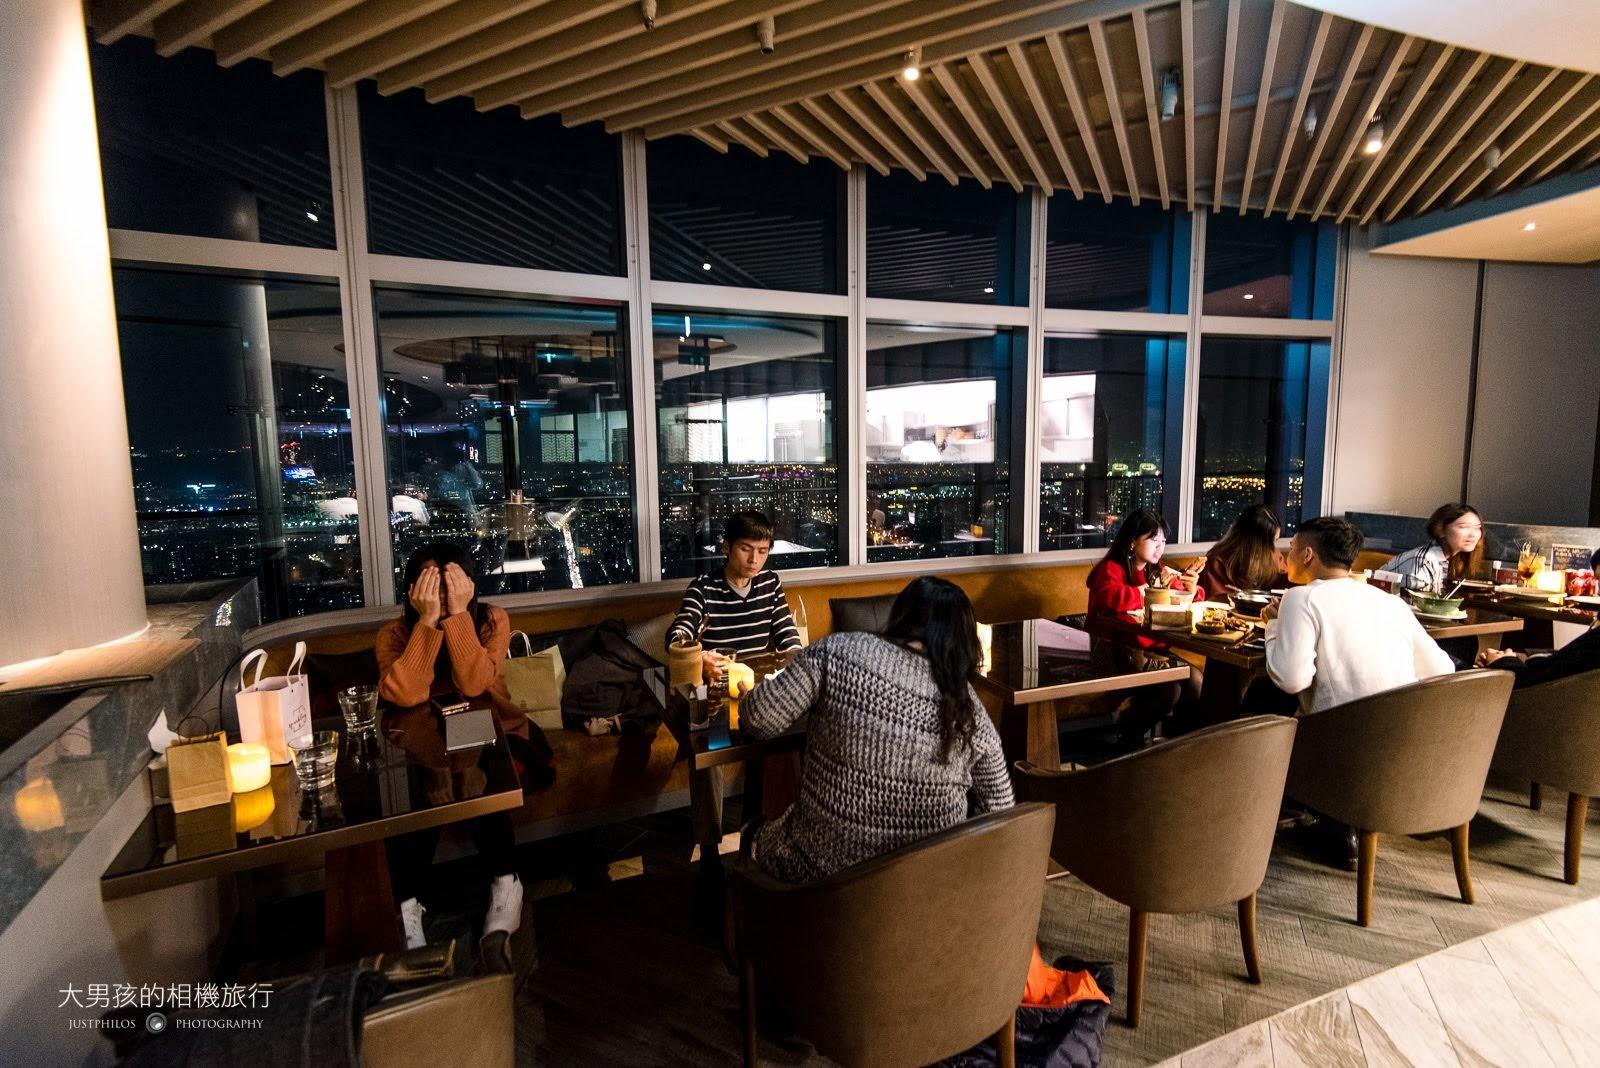 室內用餐區基本上都是靠窗的位置,可以居高眺望板橋市區夜景。